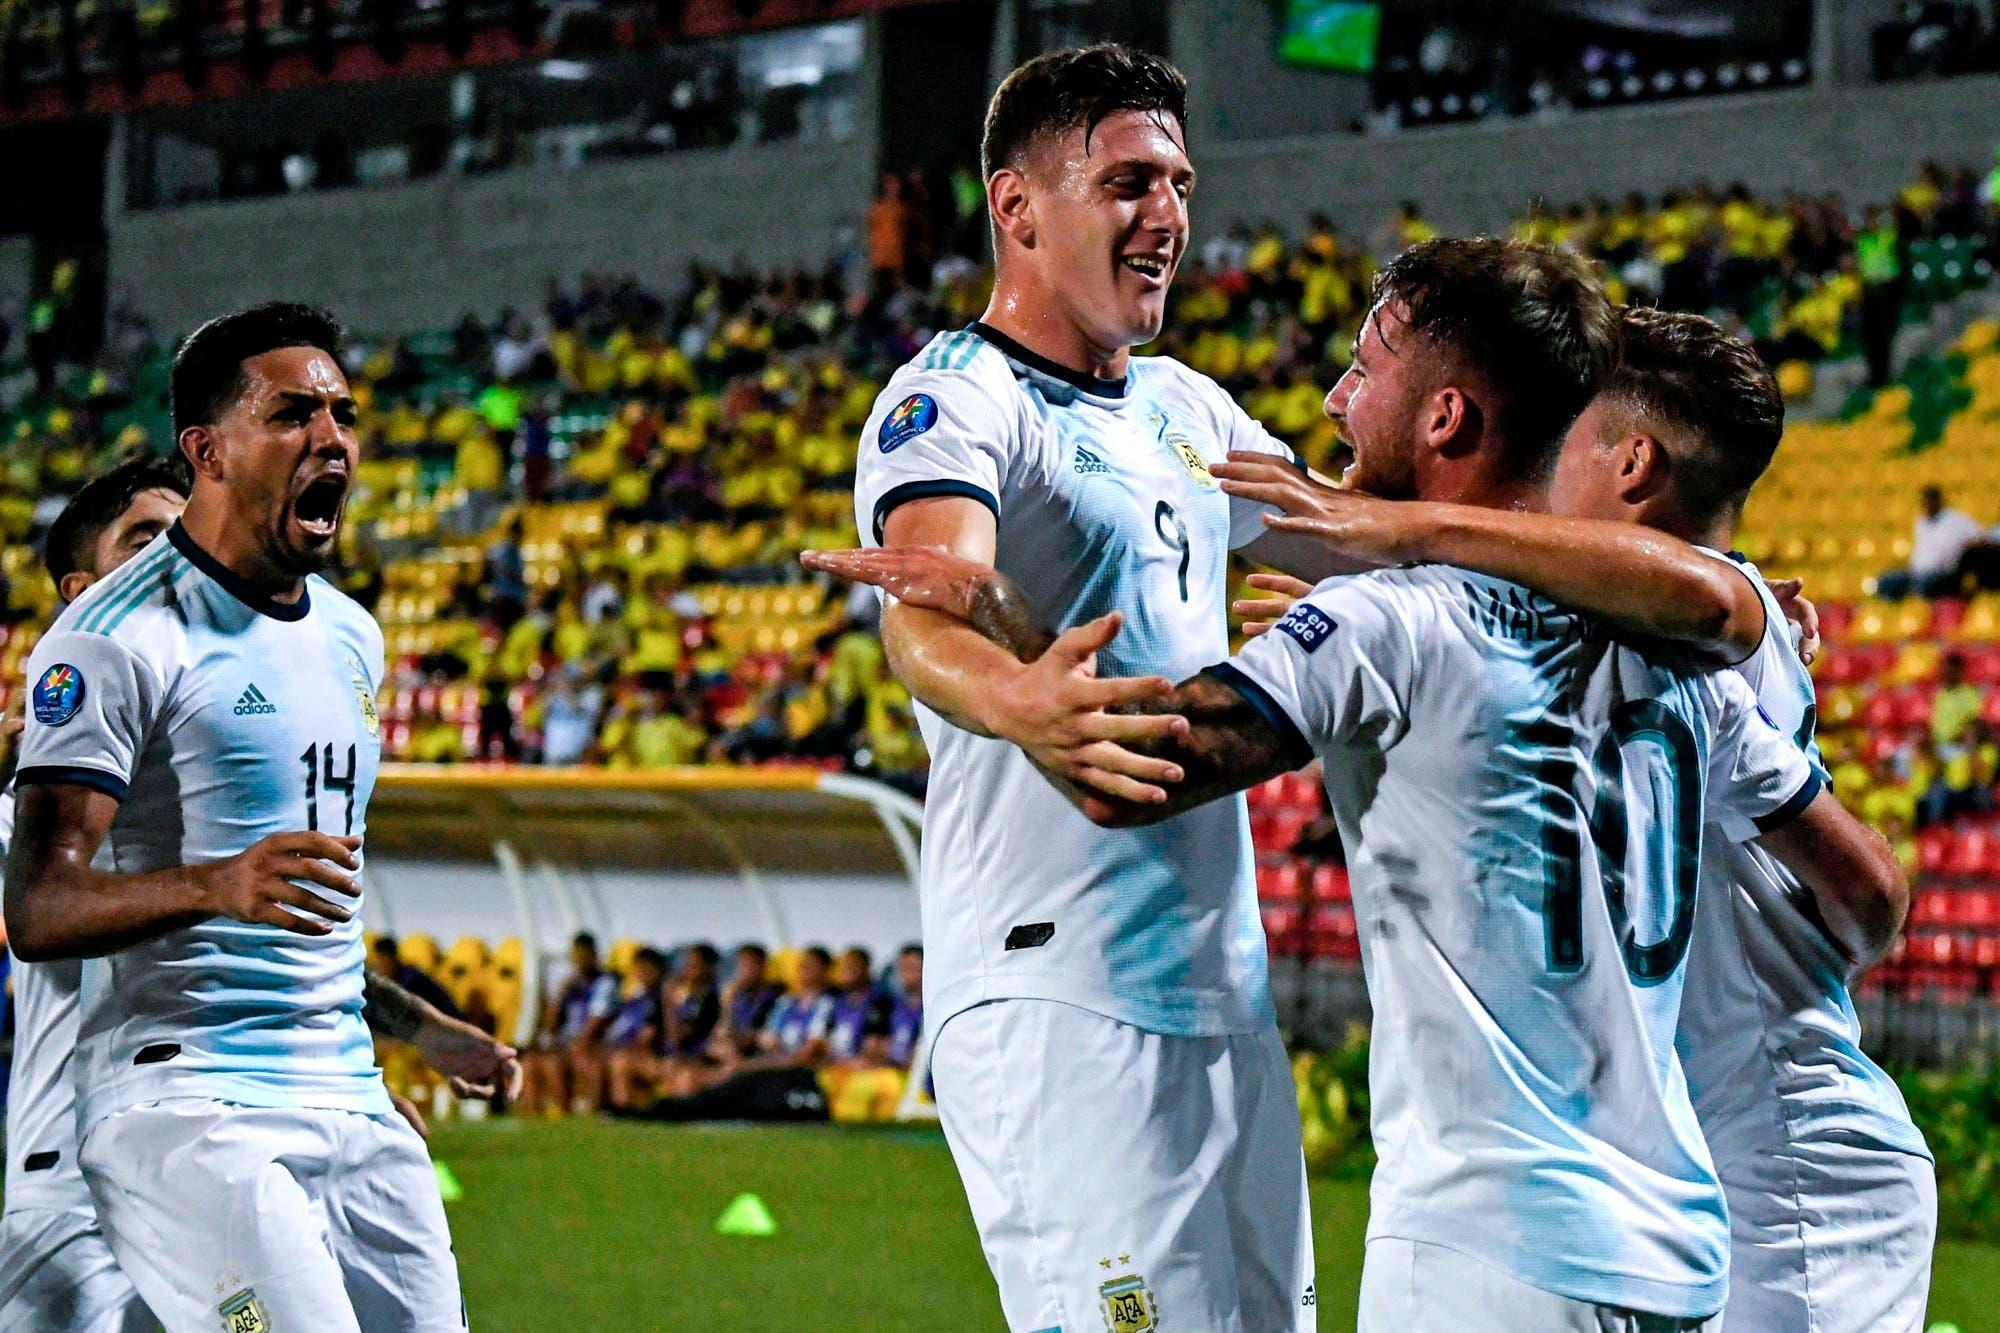 Preolímpico Sub 23. Argentina le gana a Uruguay con un gol de Mac Allister